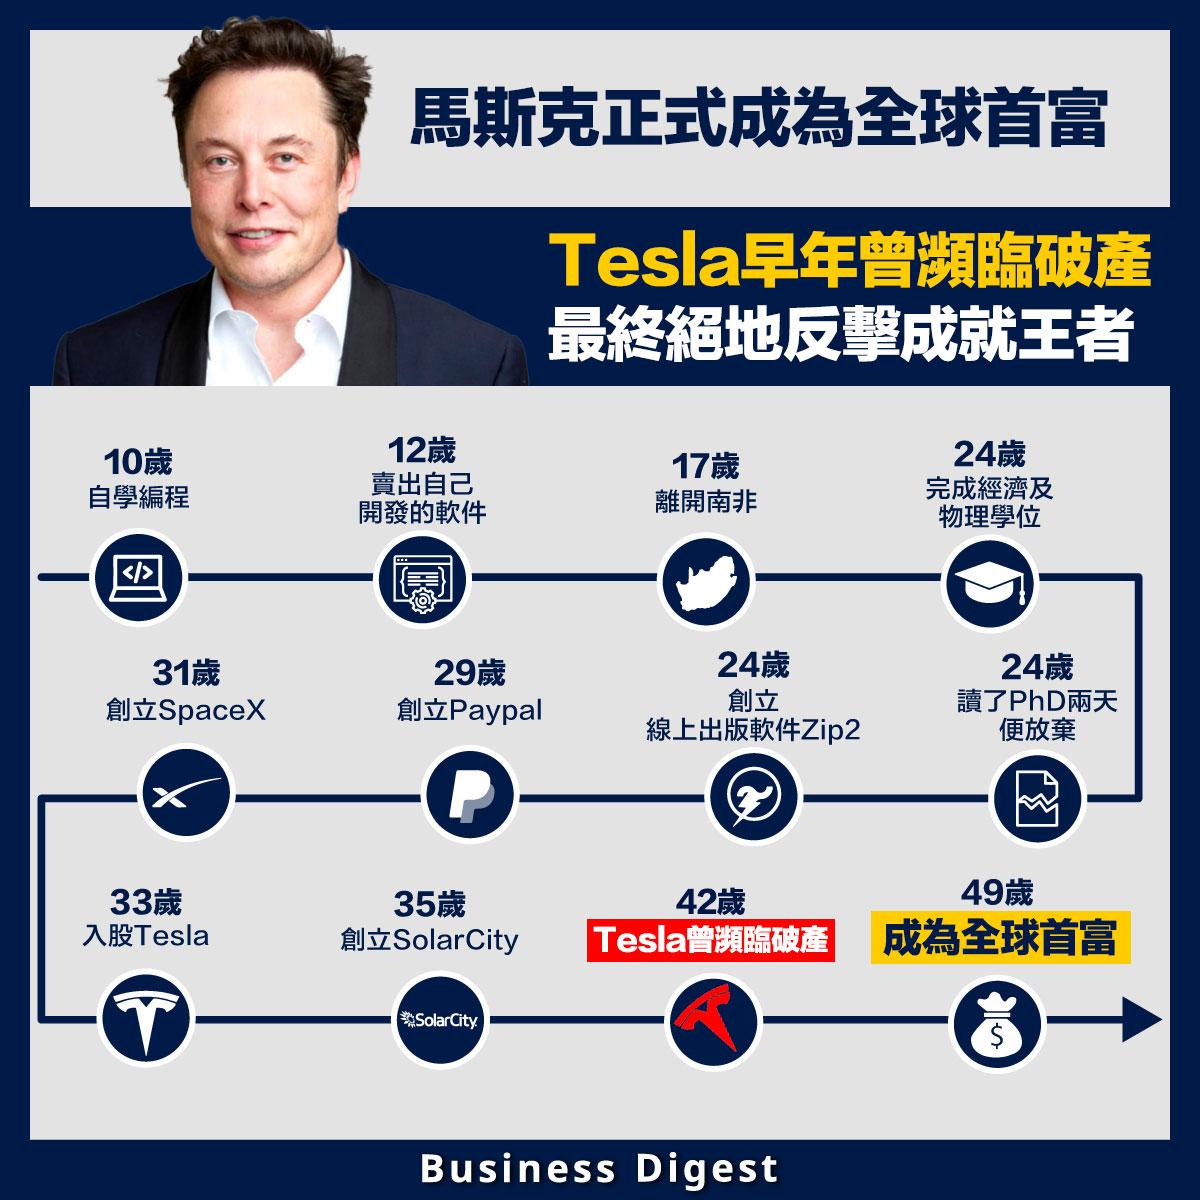 馬斯克正式成為全球首富,Tesla絕地反擊成就王者